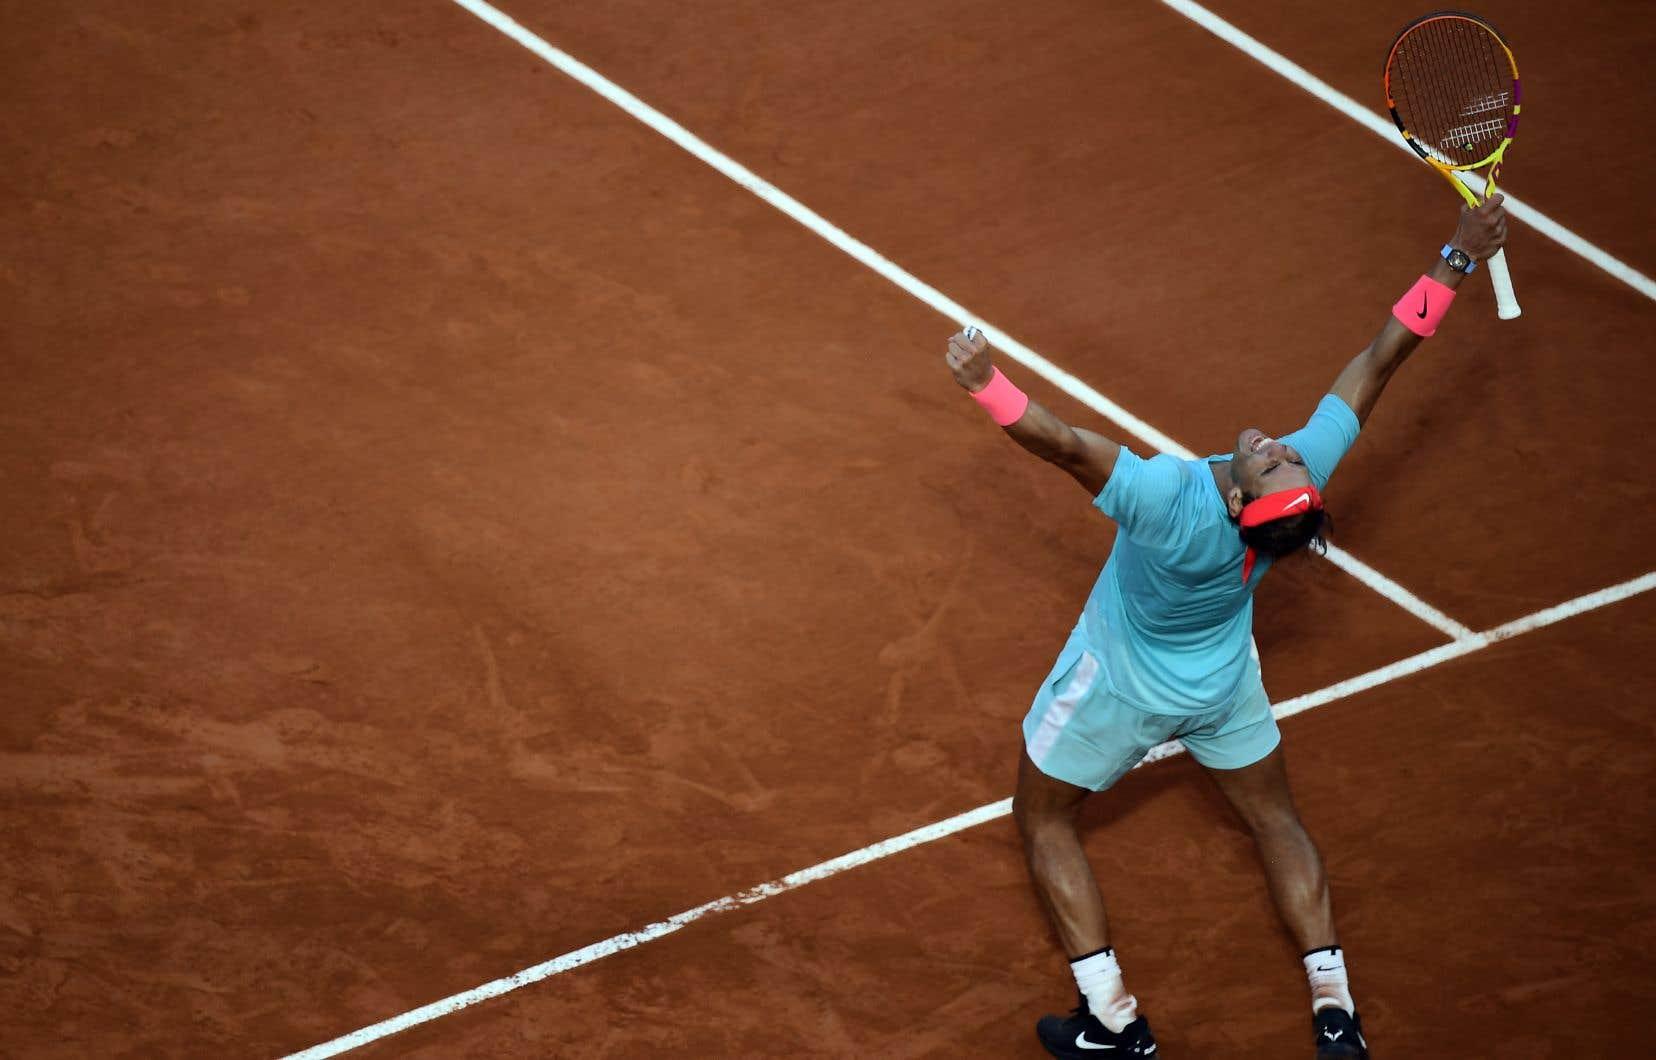 Rafael Nadal, qui a écarté vendredi en demi-finale Diego Schwartzman, affrontera Novak Djokovic, tombeur in extremis de Stefanos Tsitsipas, dans une finale qui sera forcément historique.